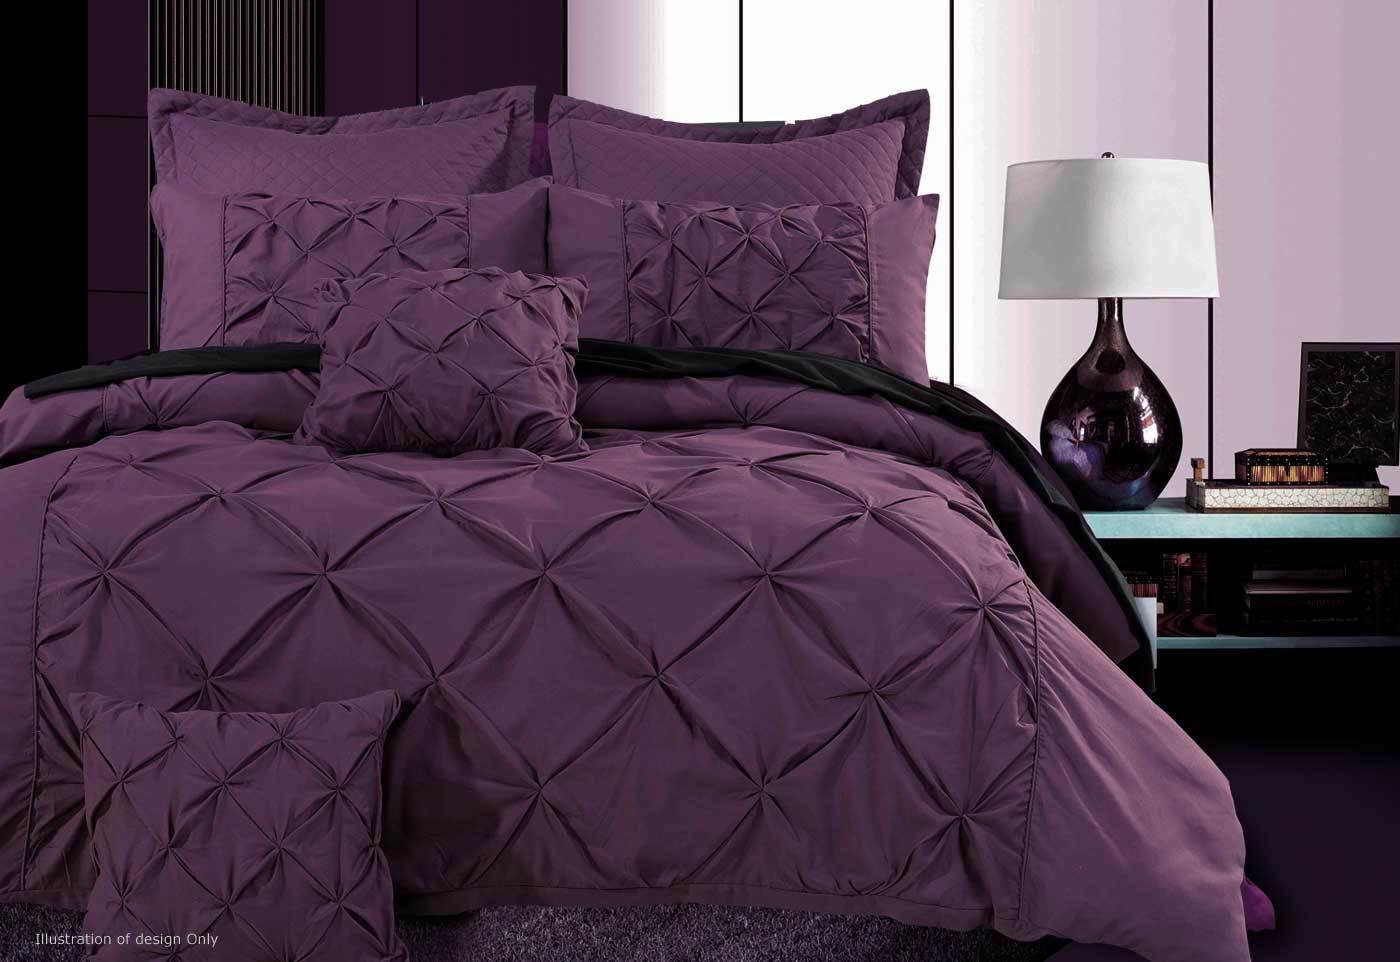 Fantine violet quilt cover set in king queen size for Bedding violet